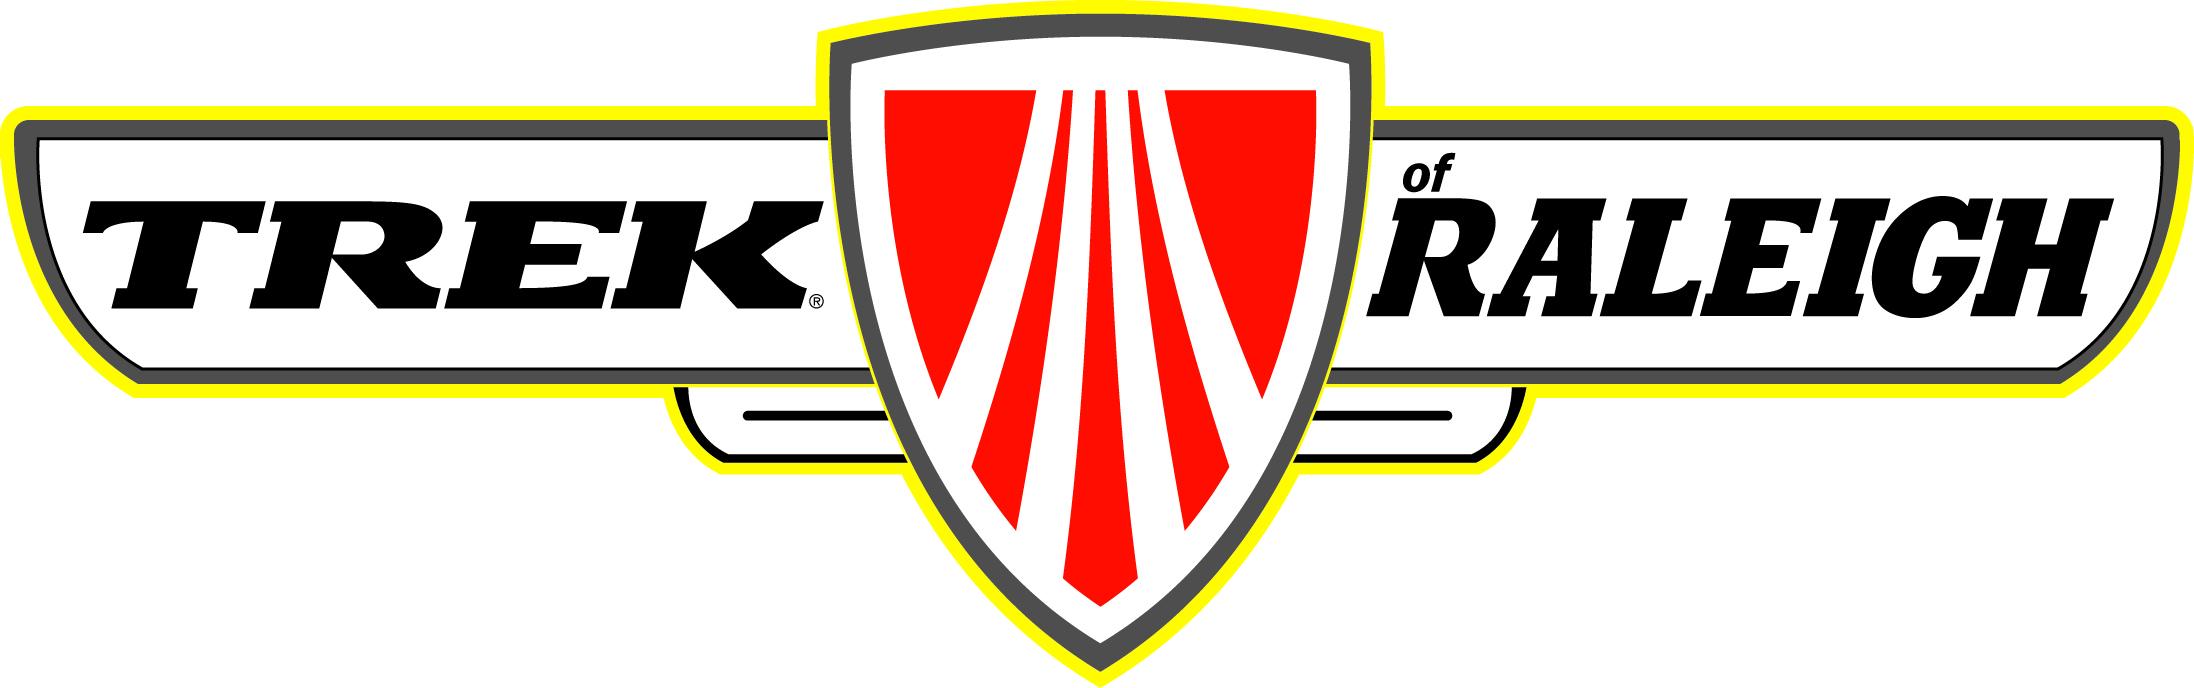 Sponsor Trek Bicycles of Raleigh